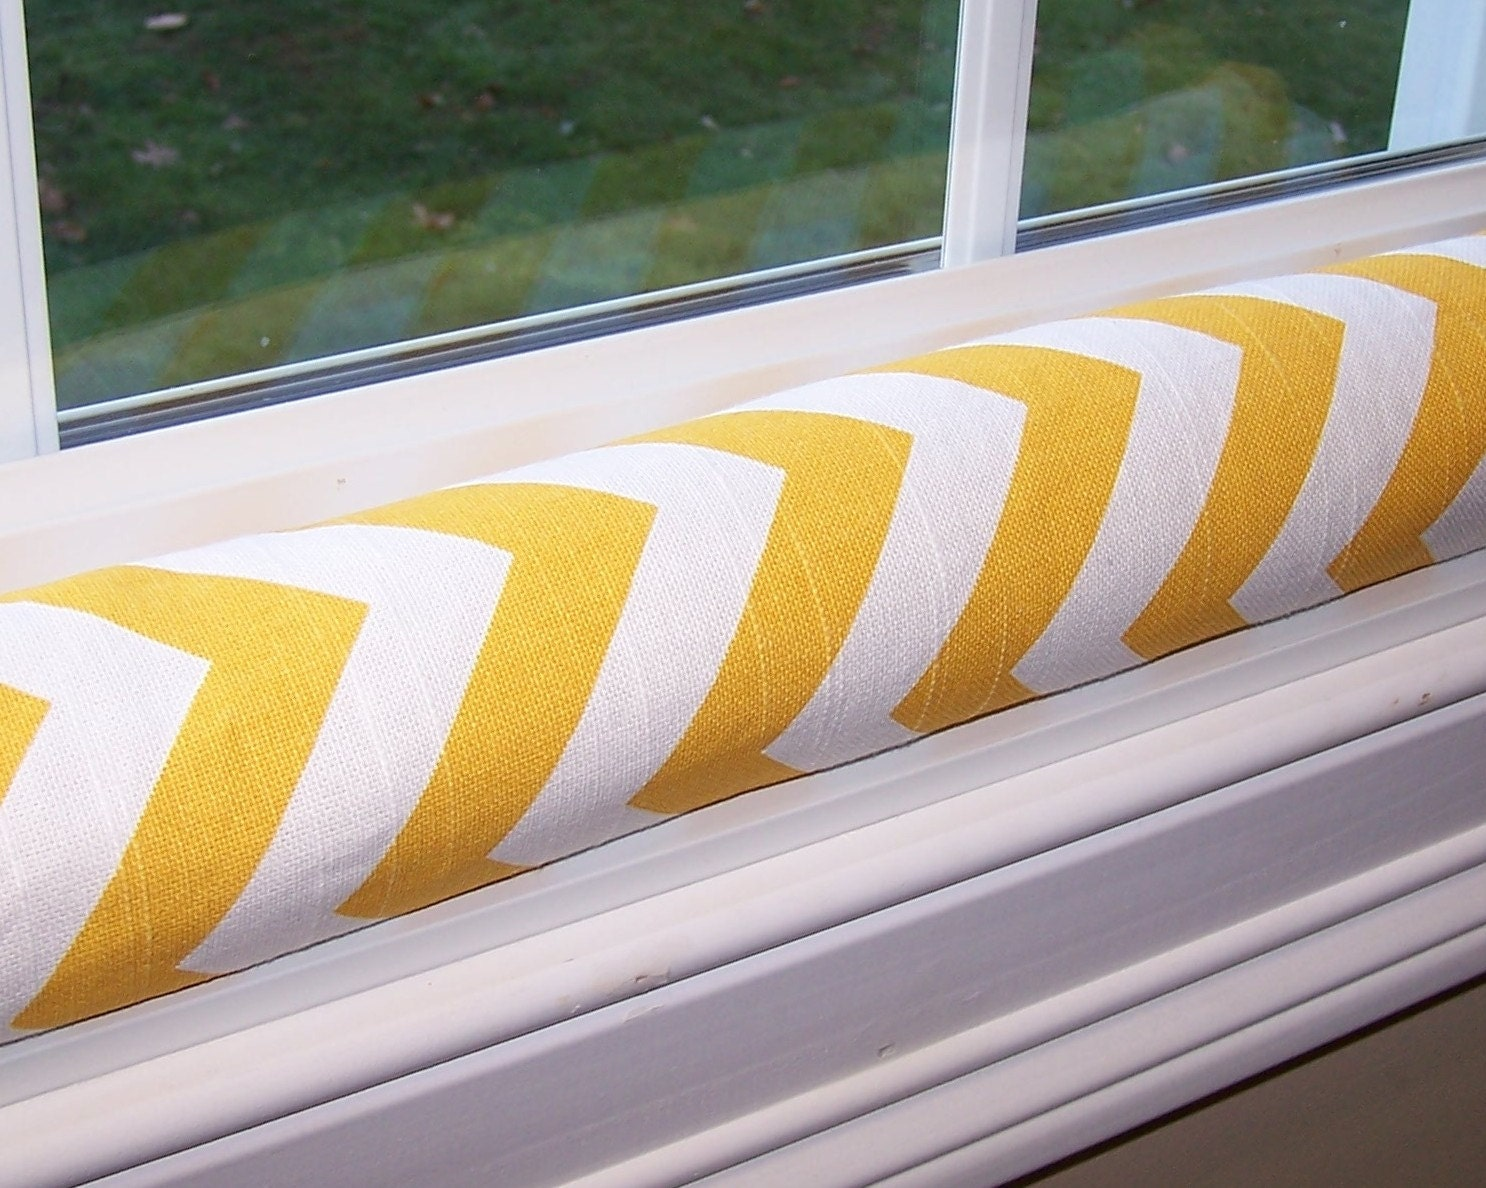 draft stopper window snake door snake block cold air. Black Bedroom Furniture Sets. Home Design Ideas